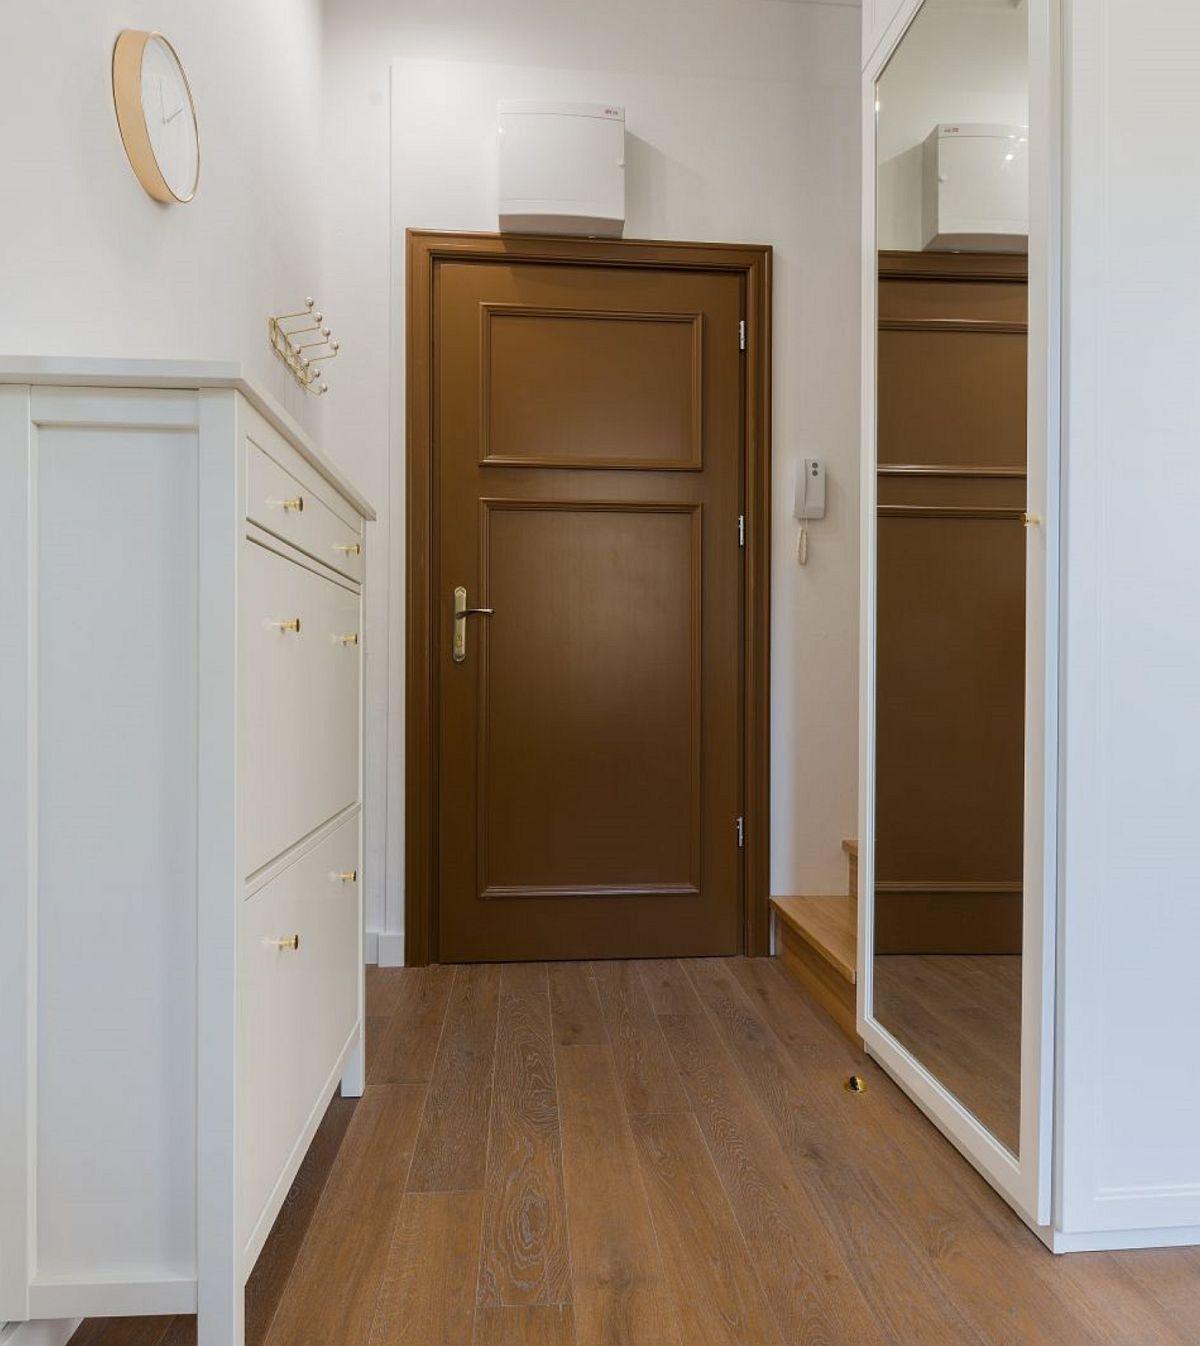 Chiar dacă e o locuință mică, holul de acces este generos și ferit privirii din cameră. De aici se deschide și scara interioară către dormitor.